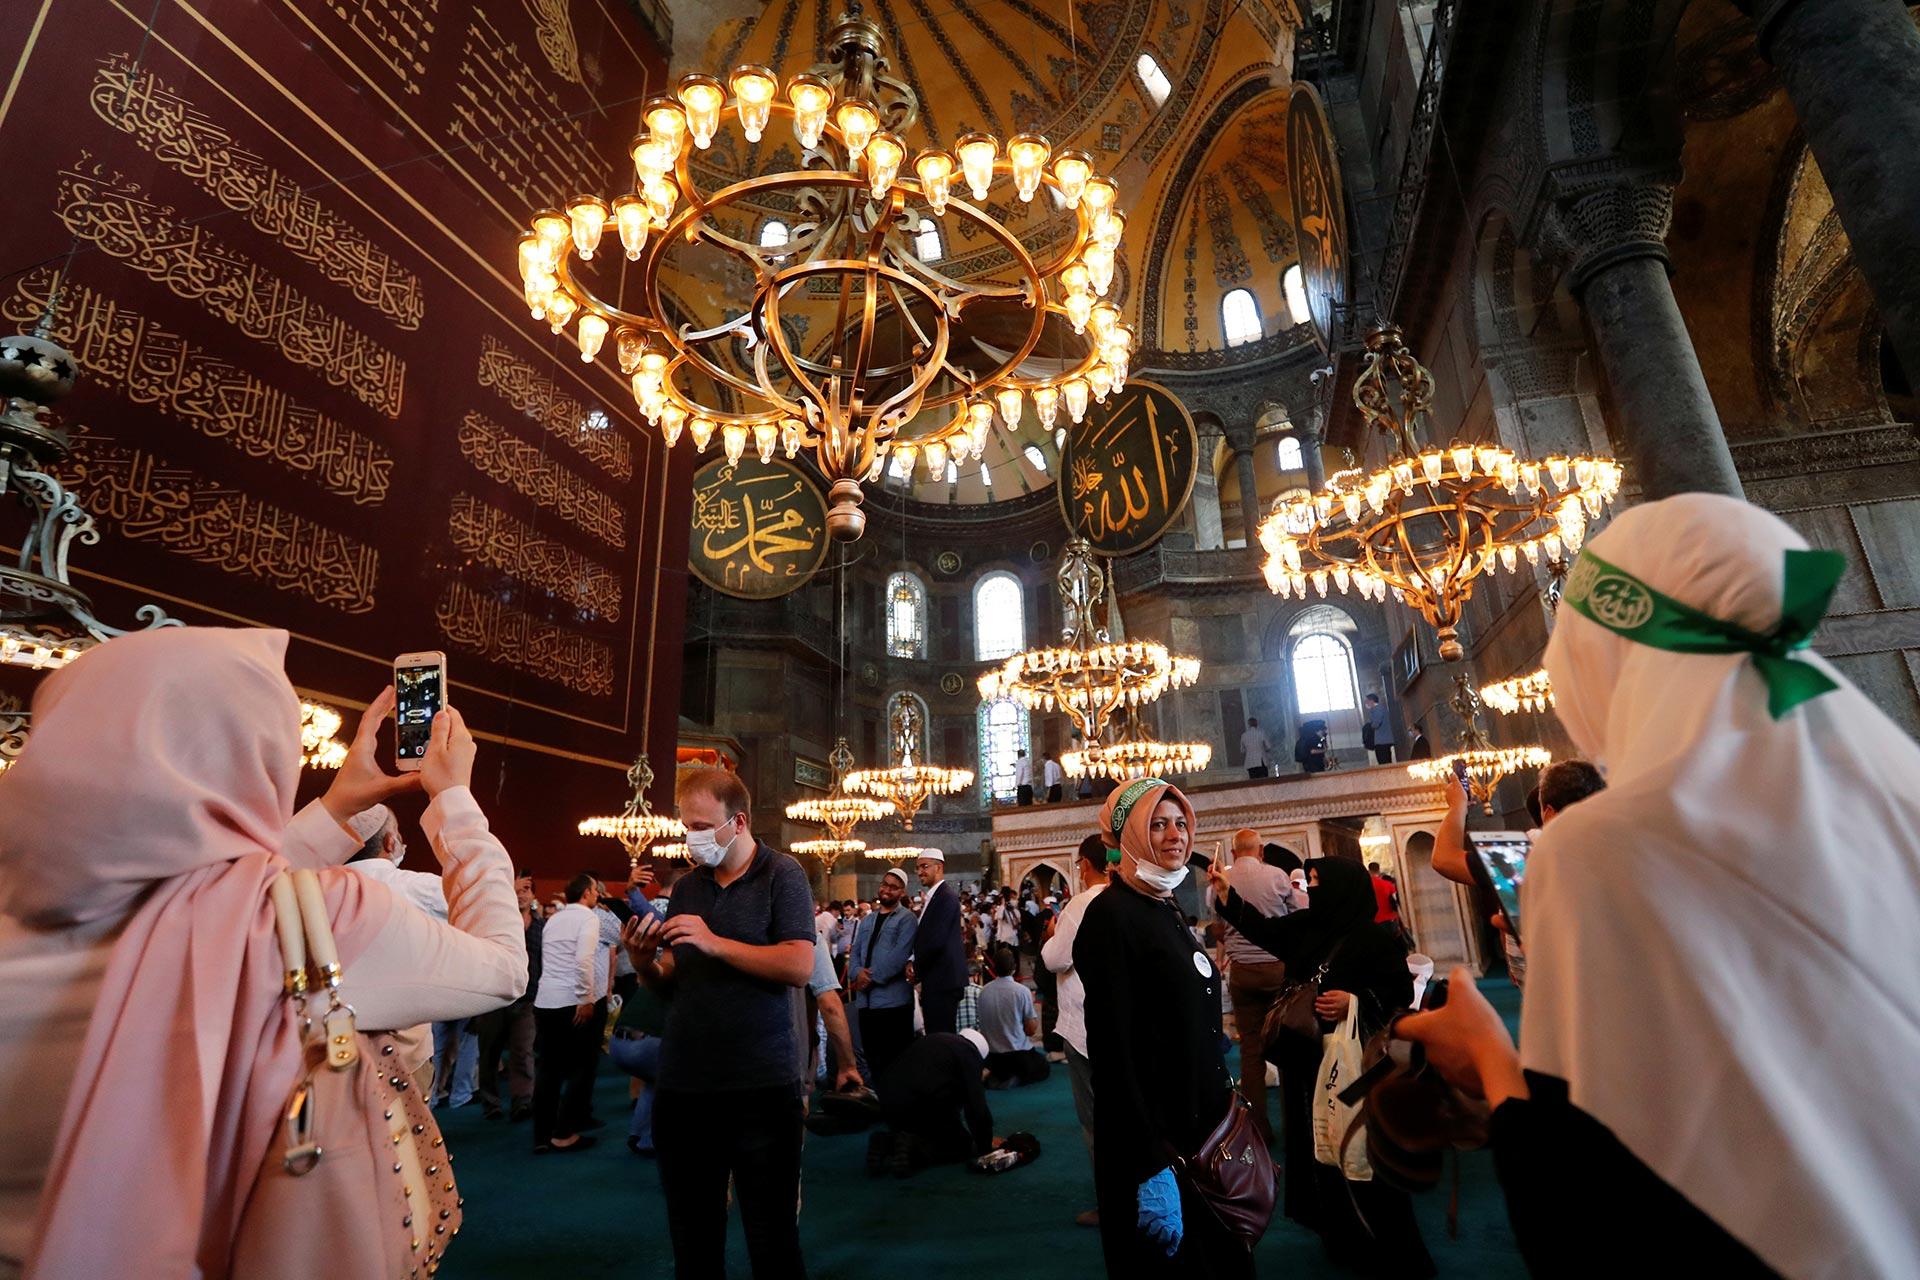 Dentro de la basílica, varias personas se dedicaron a registrar el histórico momento con sus dispositivos tecnológicos (Reuters)